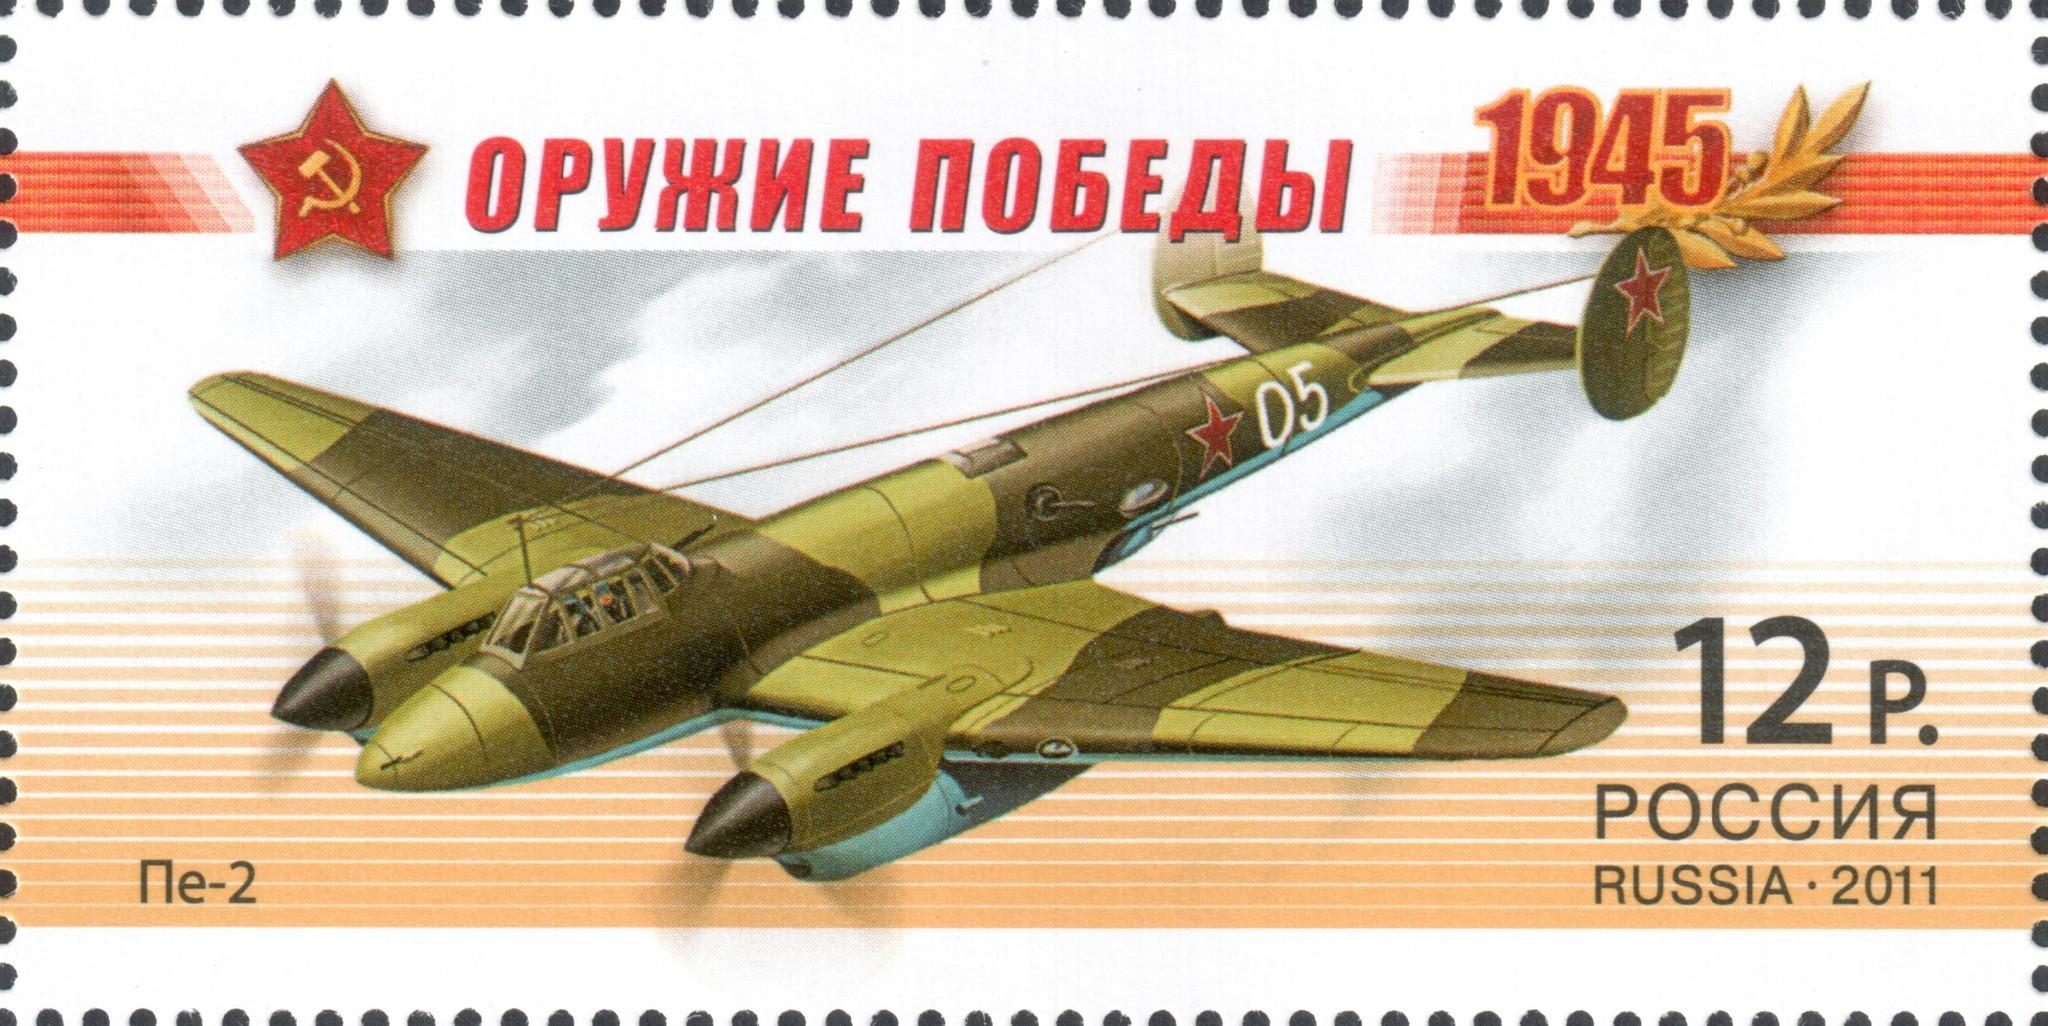 Пе-2 - советский пикирующий бомбардировщик времён Второй мировой войны